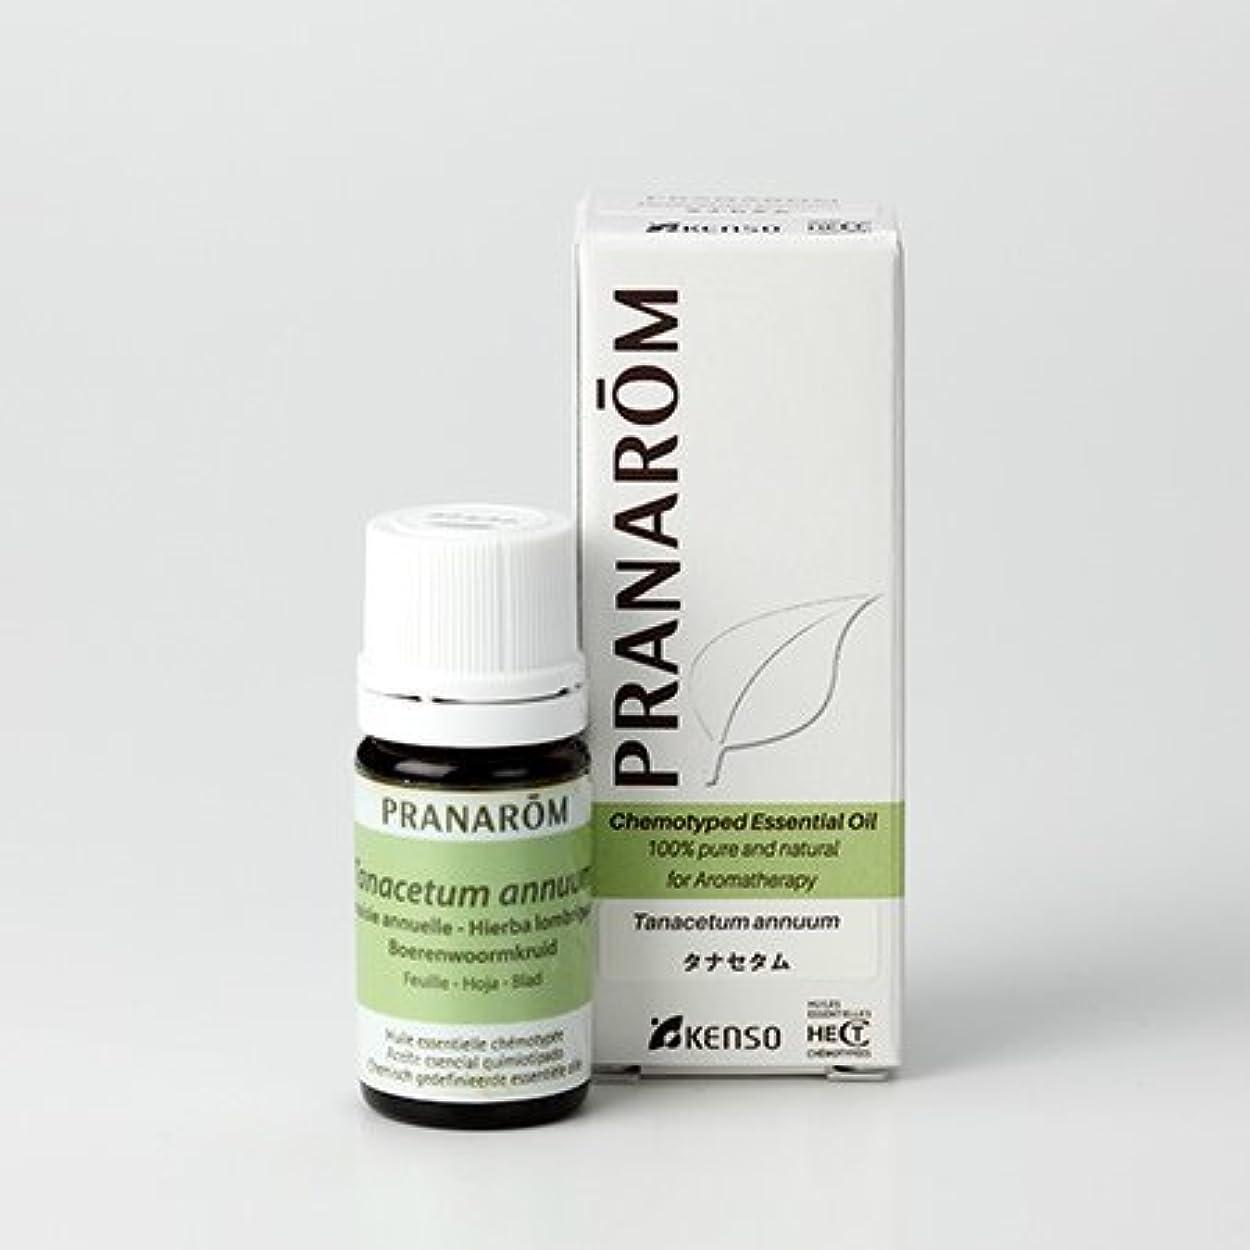 キネマティクス所有権消す【タナセタム 5ml】→甘みのある、濃厚でフルーティな香り?(リラックスハーブ系)[PRANAROM(プラナロム)精油/アロマオイル/エッセンシャルオイル]P-173